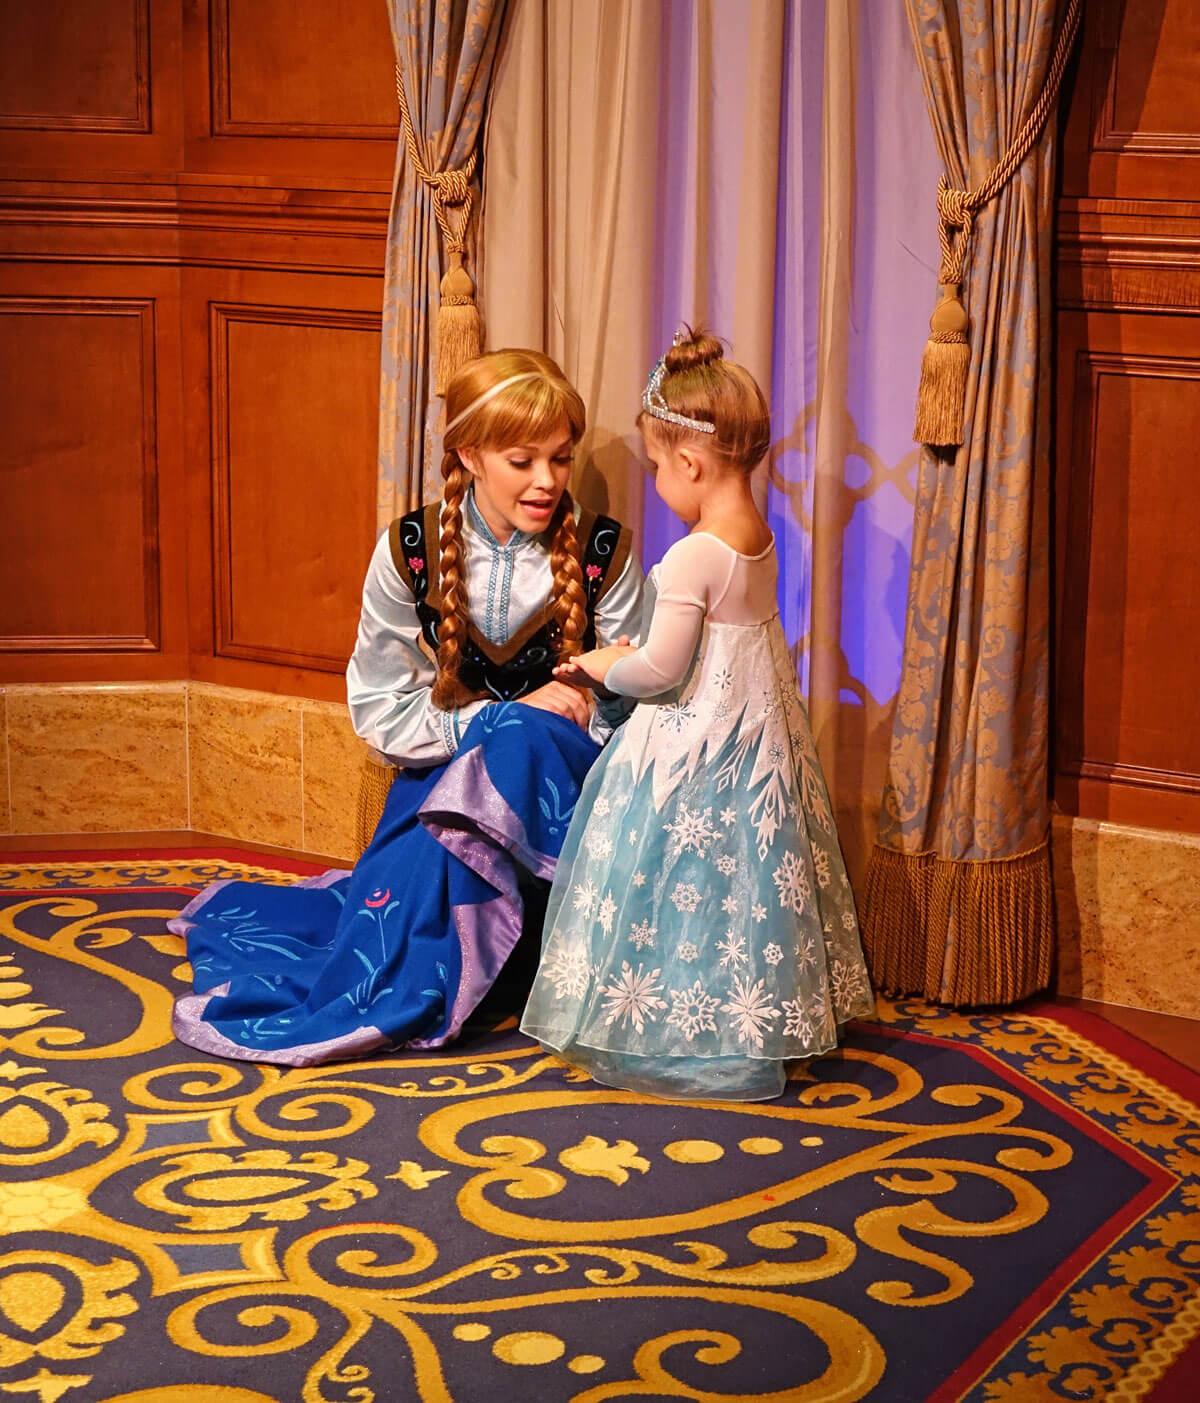 Meeting Elsa and Anna at Disney World